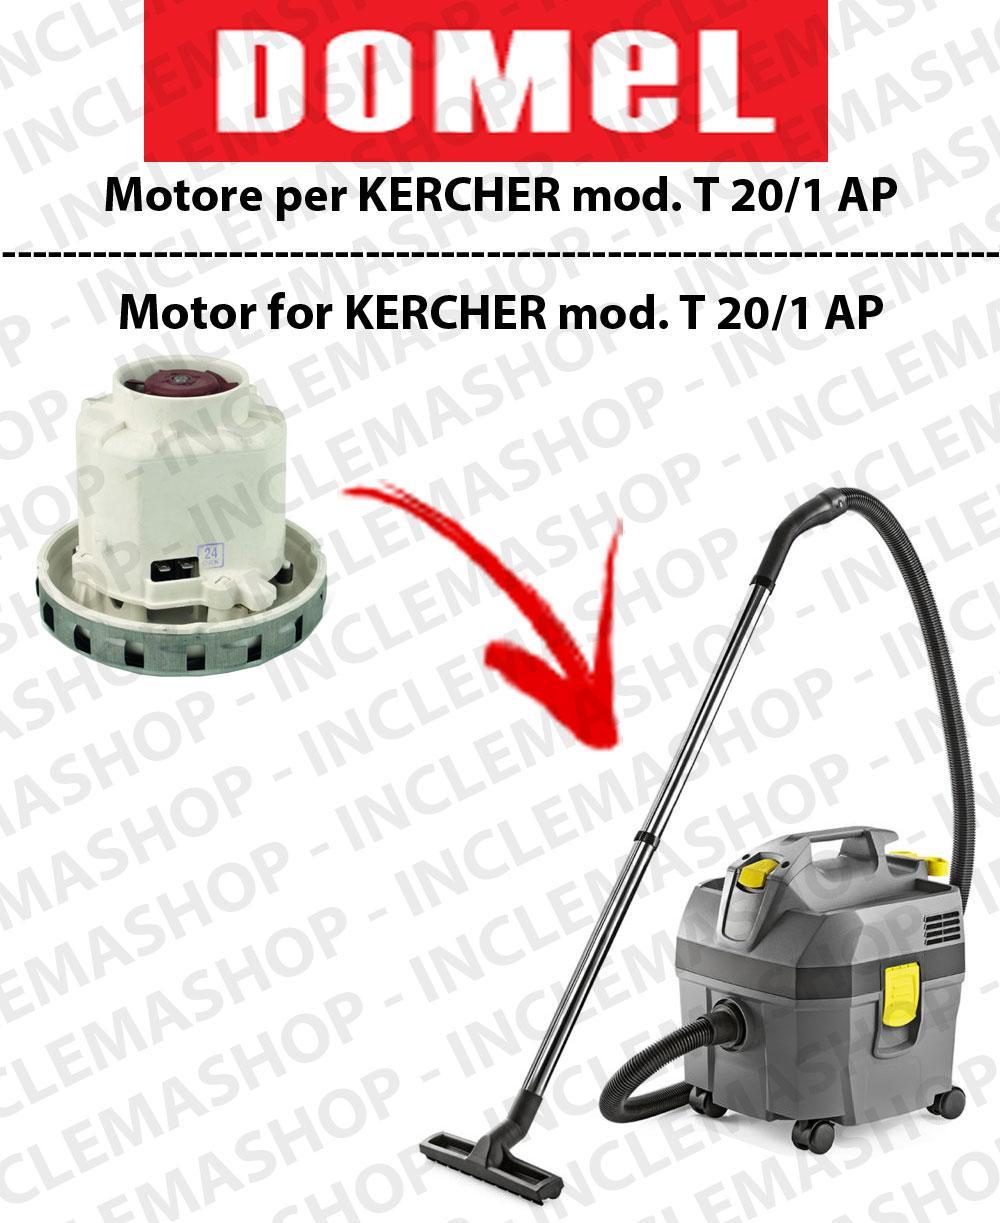 NT 20/1 AP moteur aspiration DOMEL pour aspirateurs KARCHER